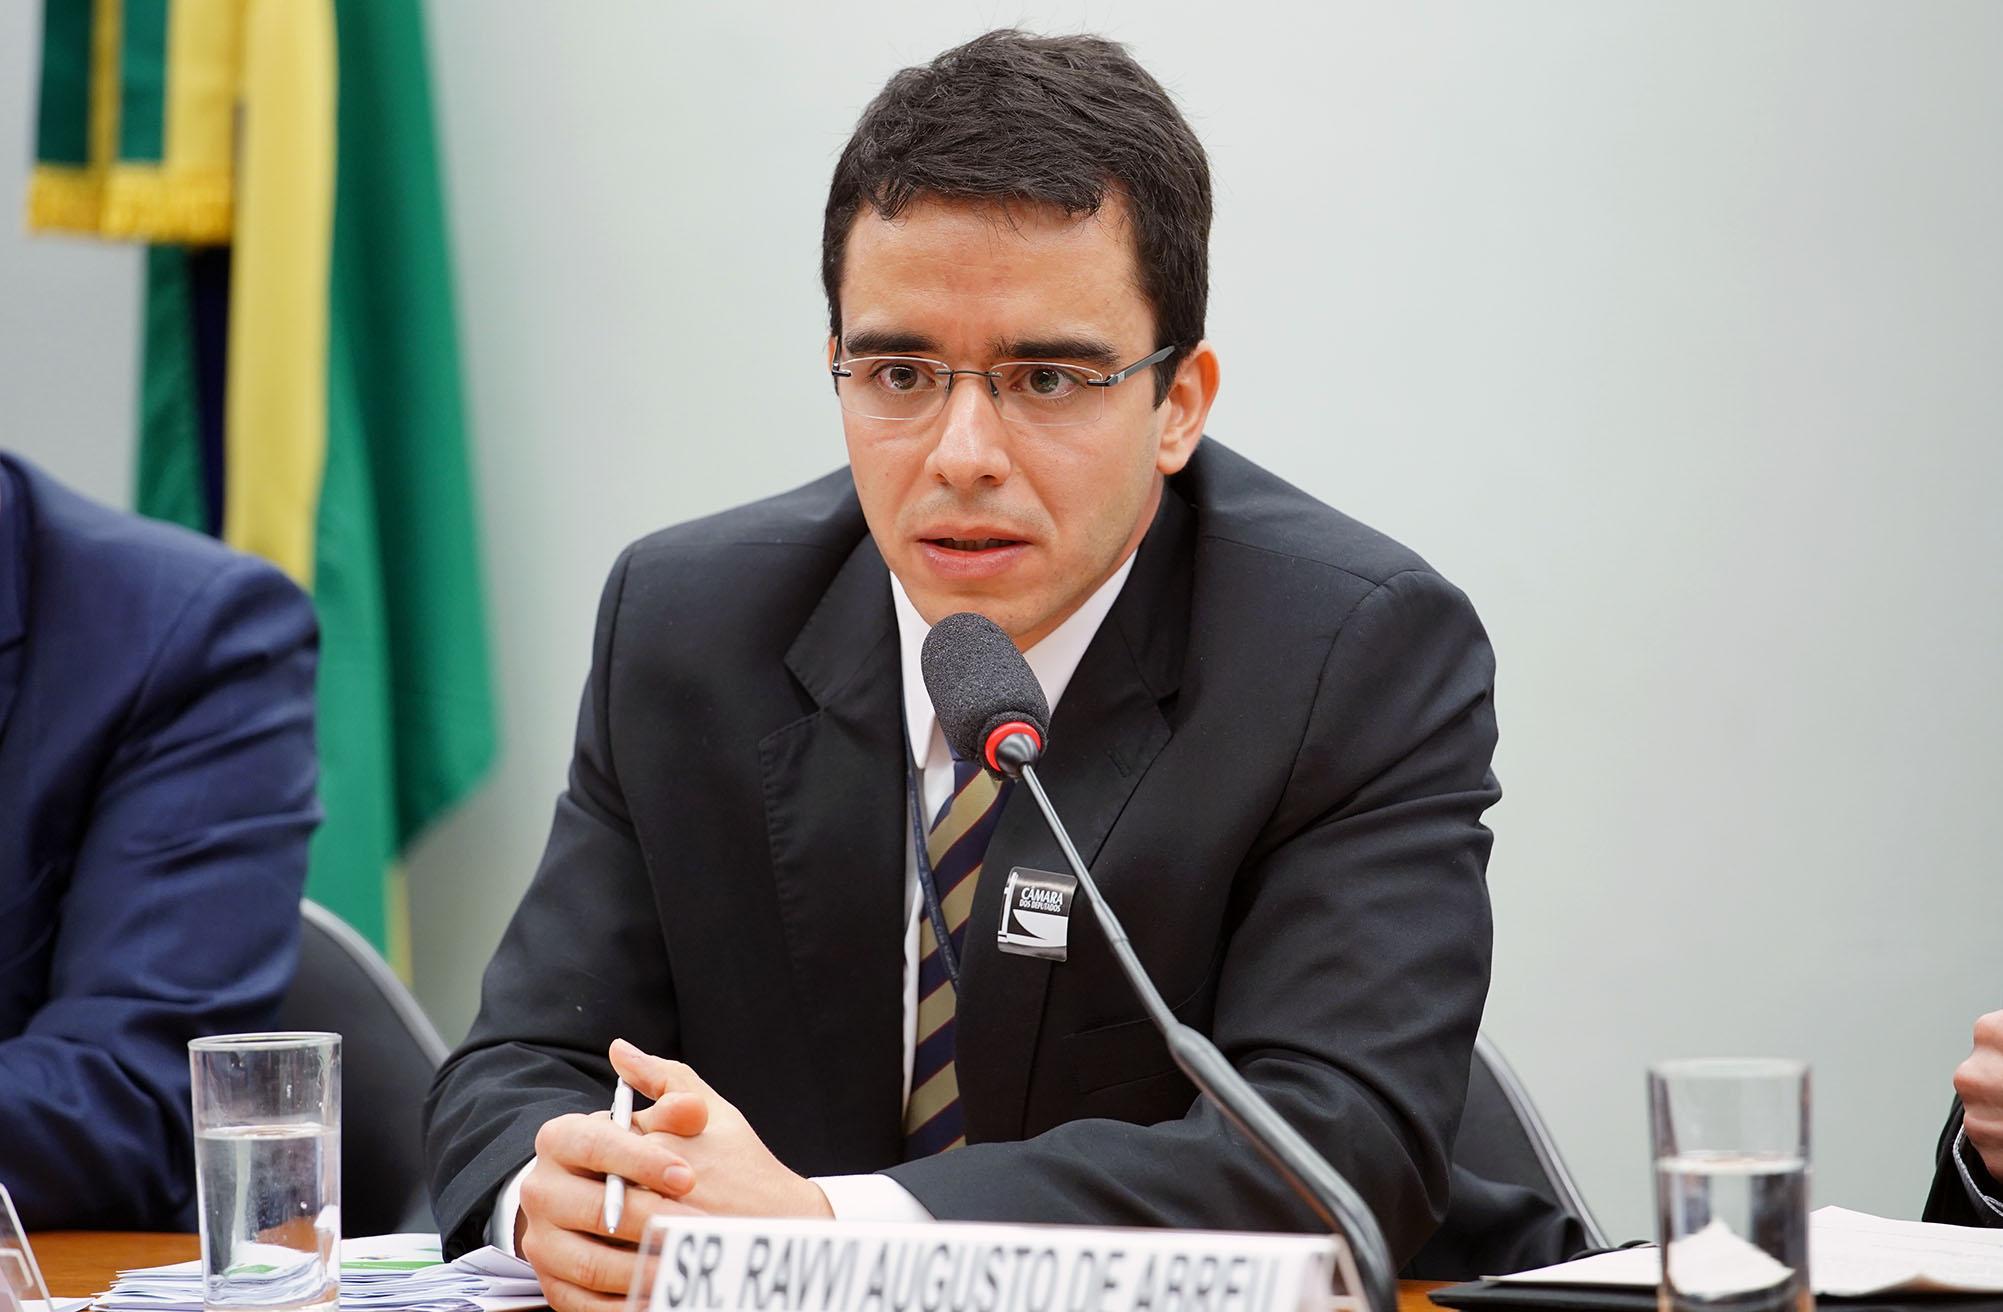 Audiência pública sobre a situação dos preços dos combustíveis no Brasil. Superintendente de Defesa da Concorrência, Estudos e Regulação Econômica (ANP), Bruno Conde Caselli